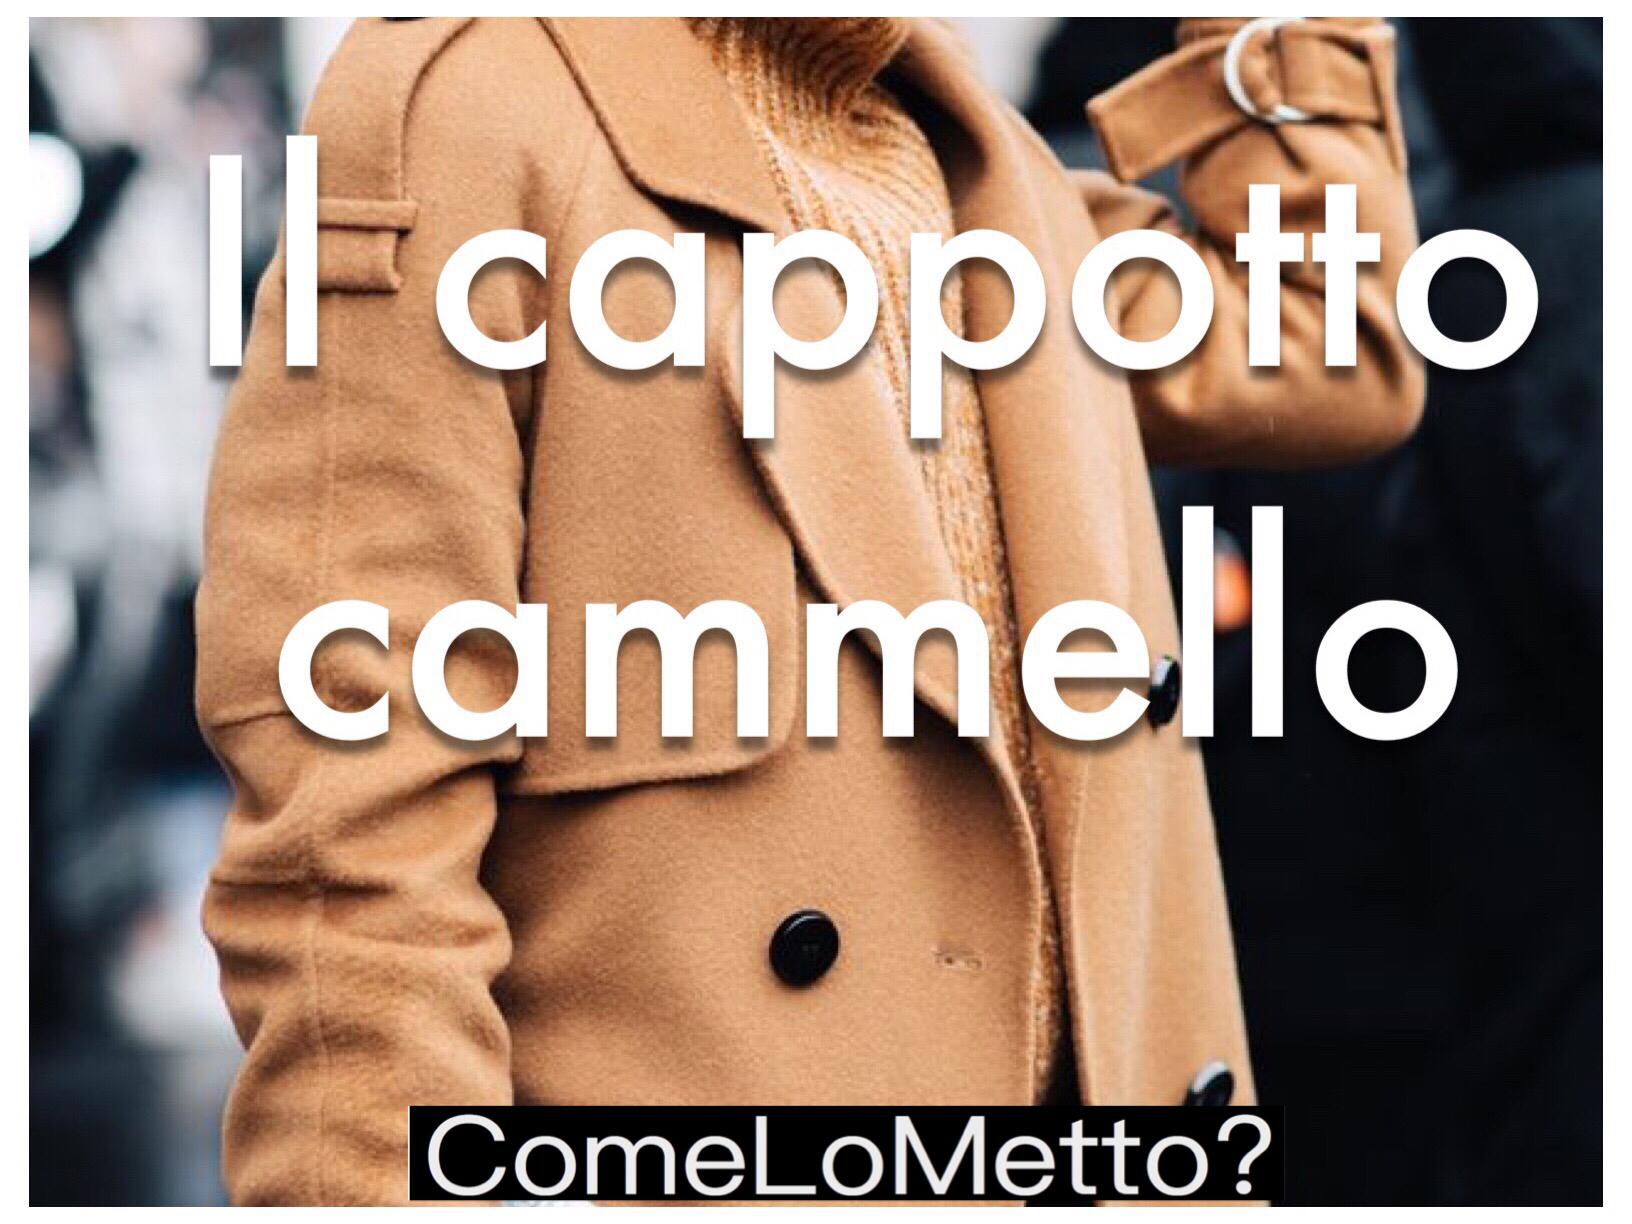 Come lo metto: il cappotto color cammello